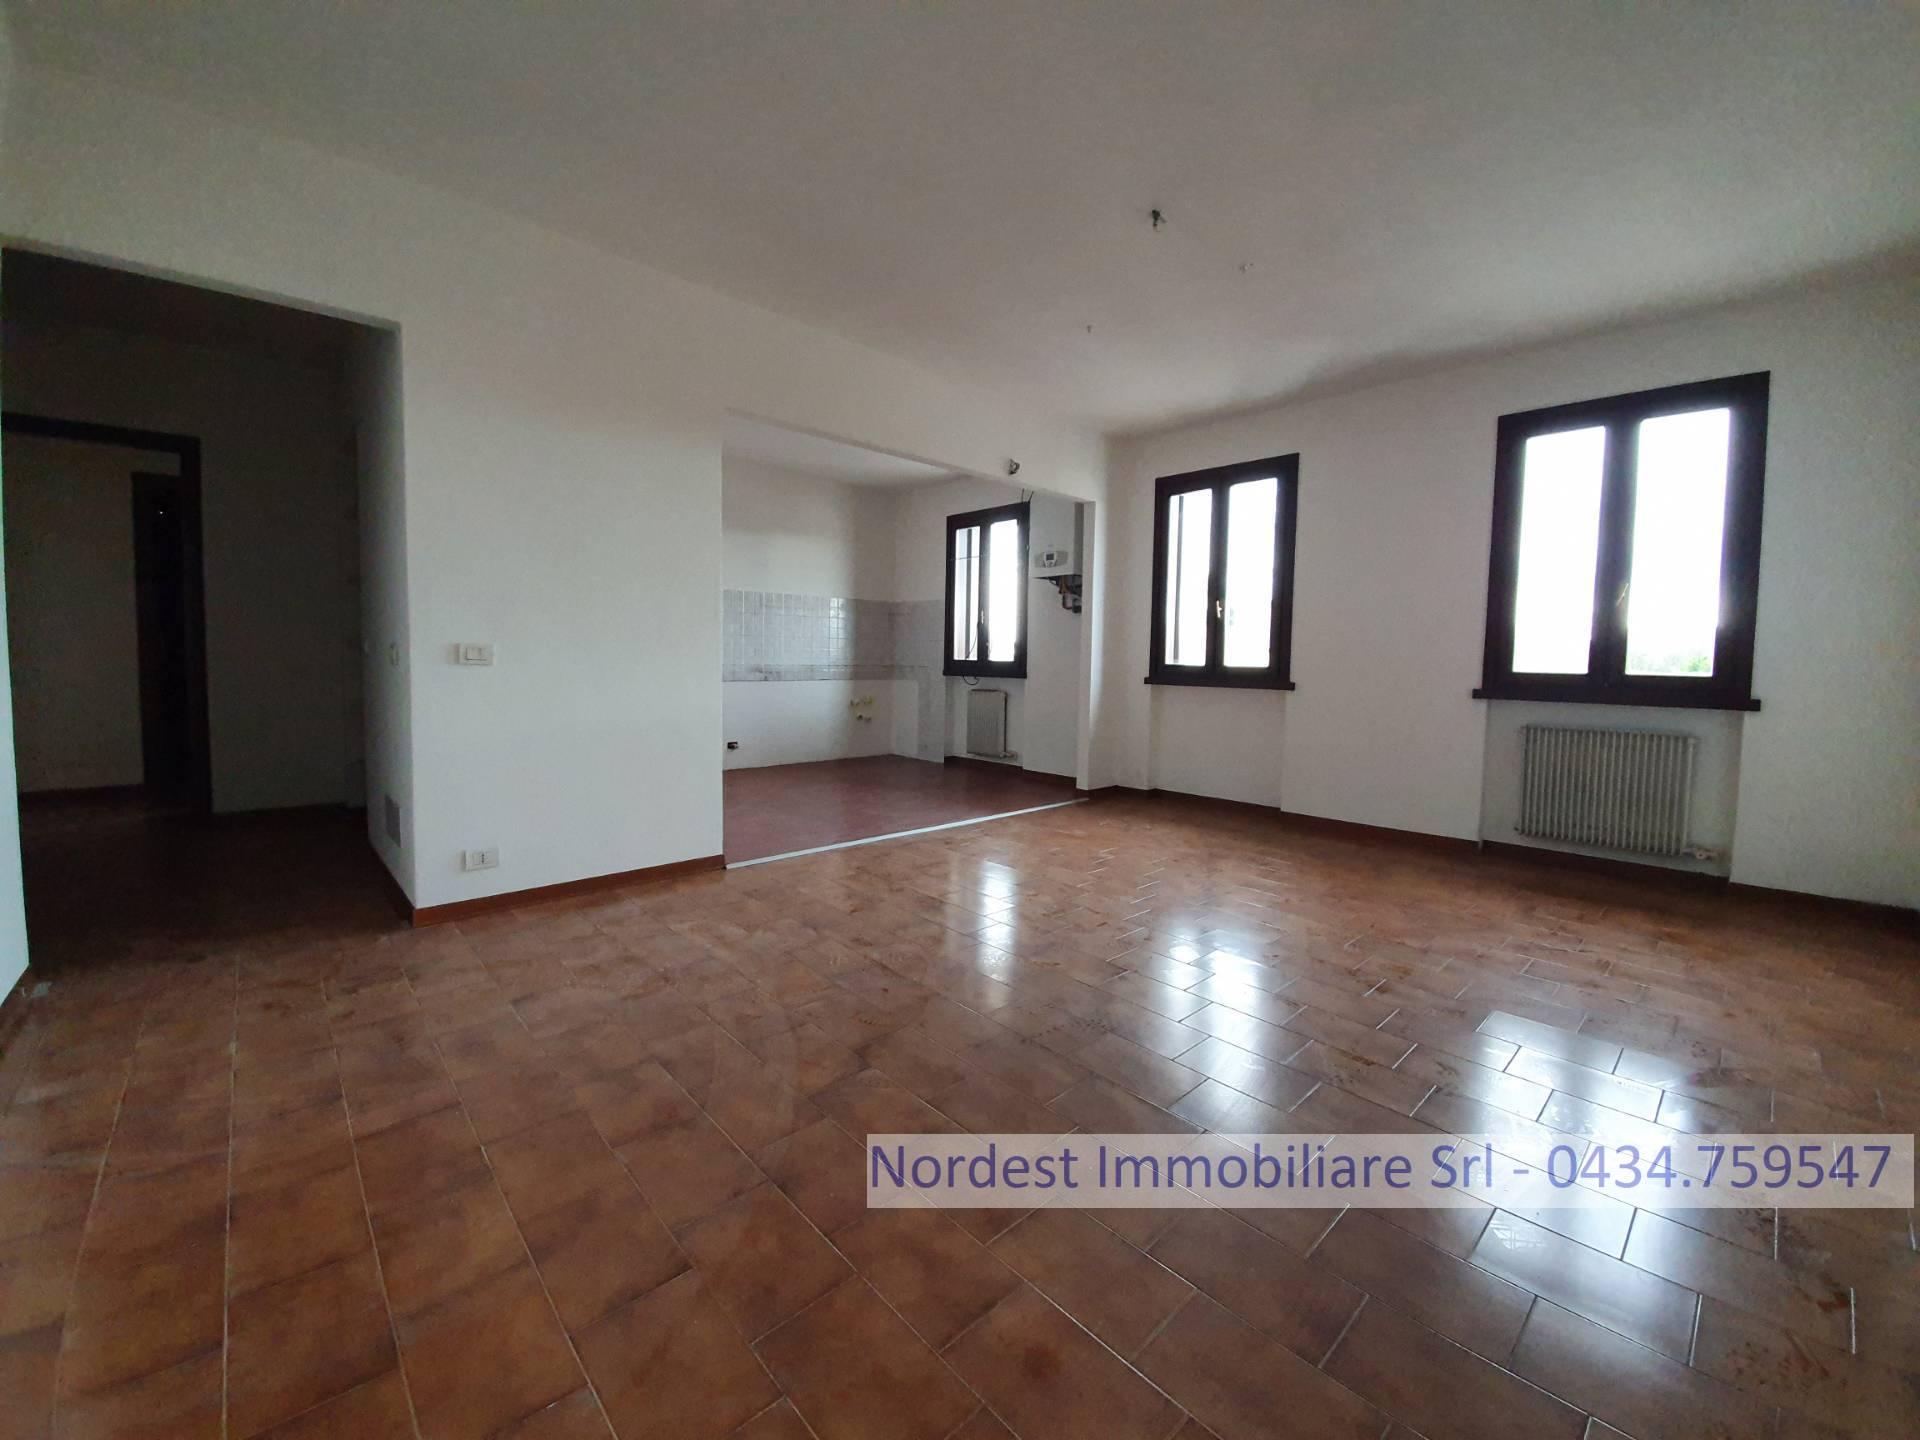 Appartamento in affitto a Gaiarine, 5 locali, Trattative riservate | CambioCasa.it